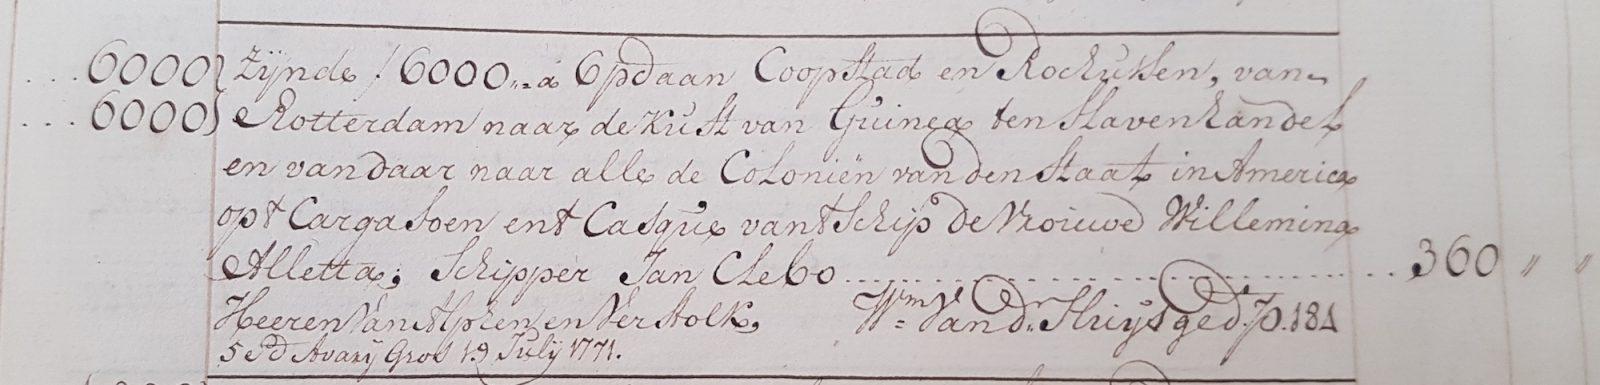 Willemina-Aletta-17682c-verzekerd-bij-Stad-Rotterdam-Stadsarchief-Rotterdam2c-collectie-199